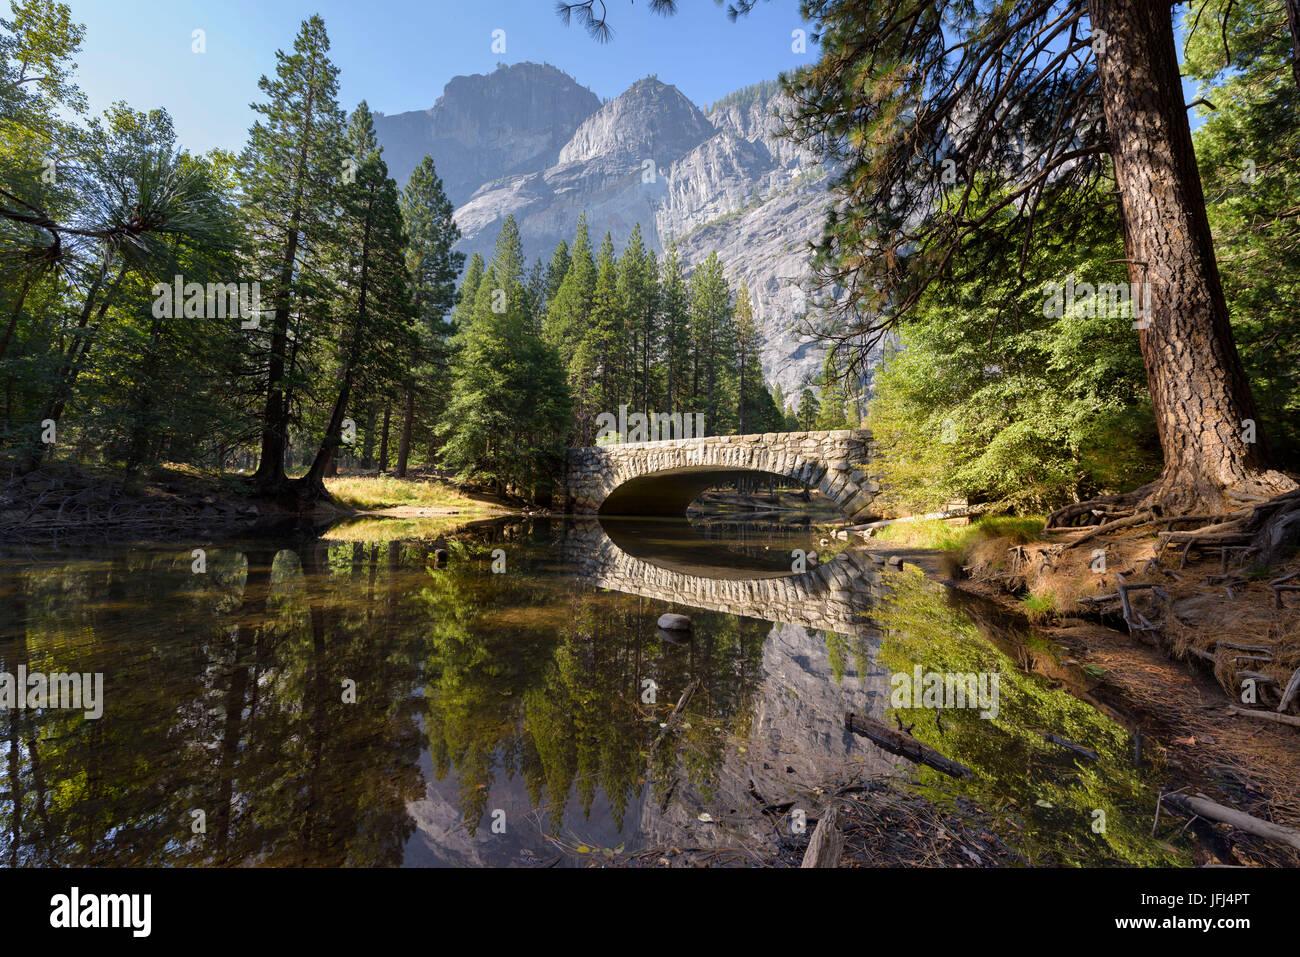 Voir dans la vallée de Yosemite, aux États-Unis, en Californie, Yosemite National Park Banque D'Images